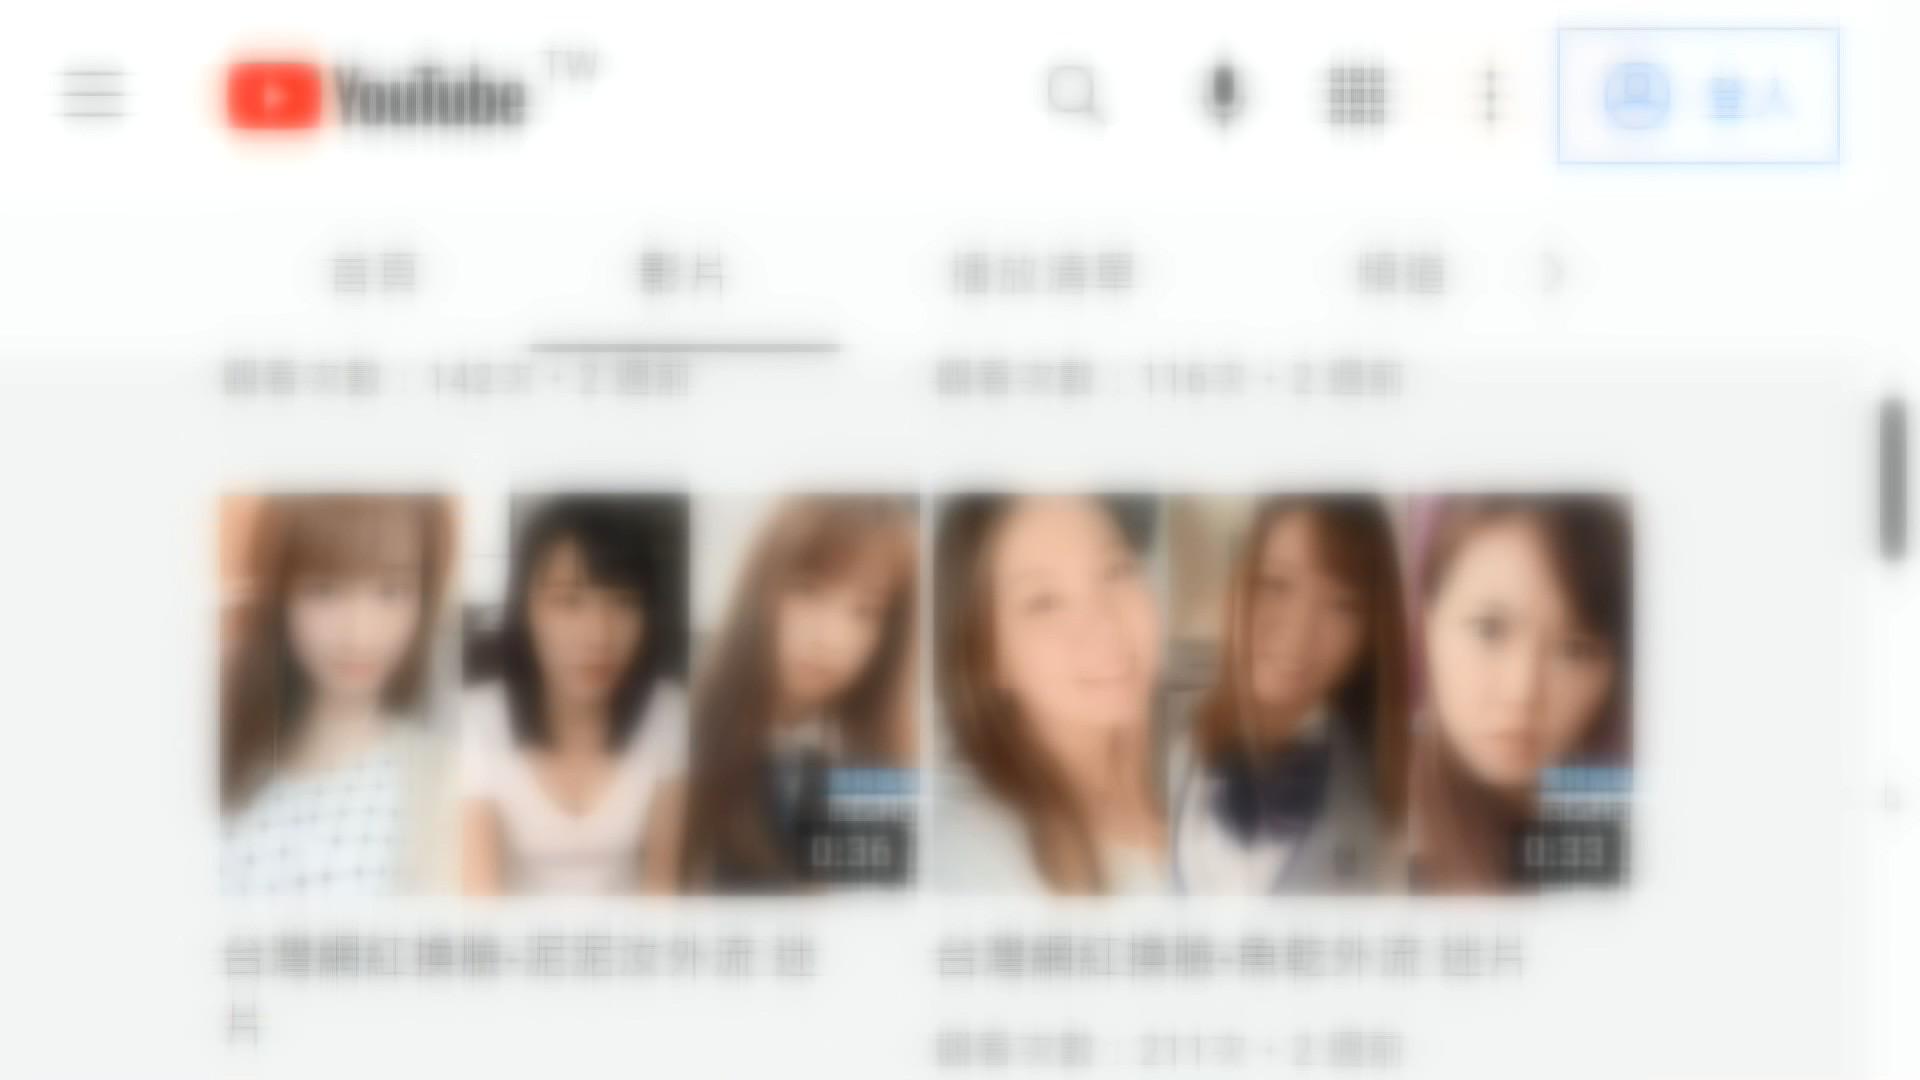 網紅AI換臉技術製不雅影片 上百人受害